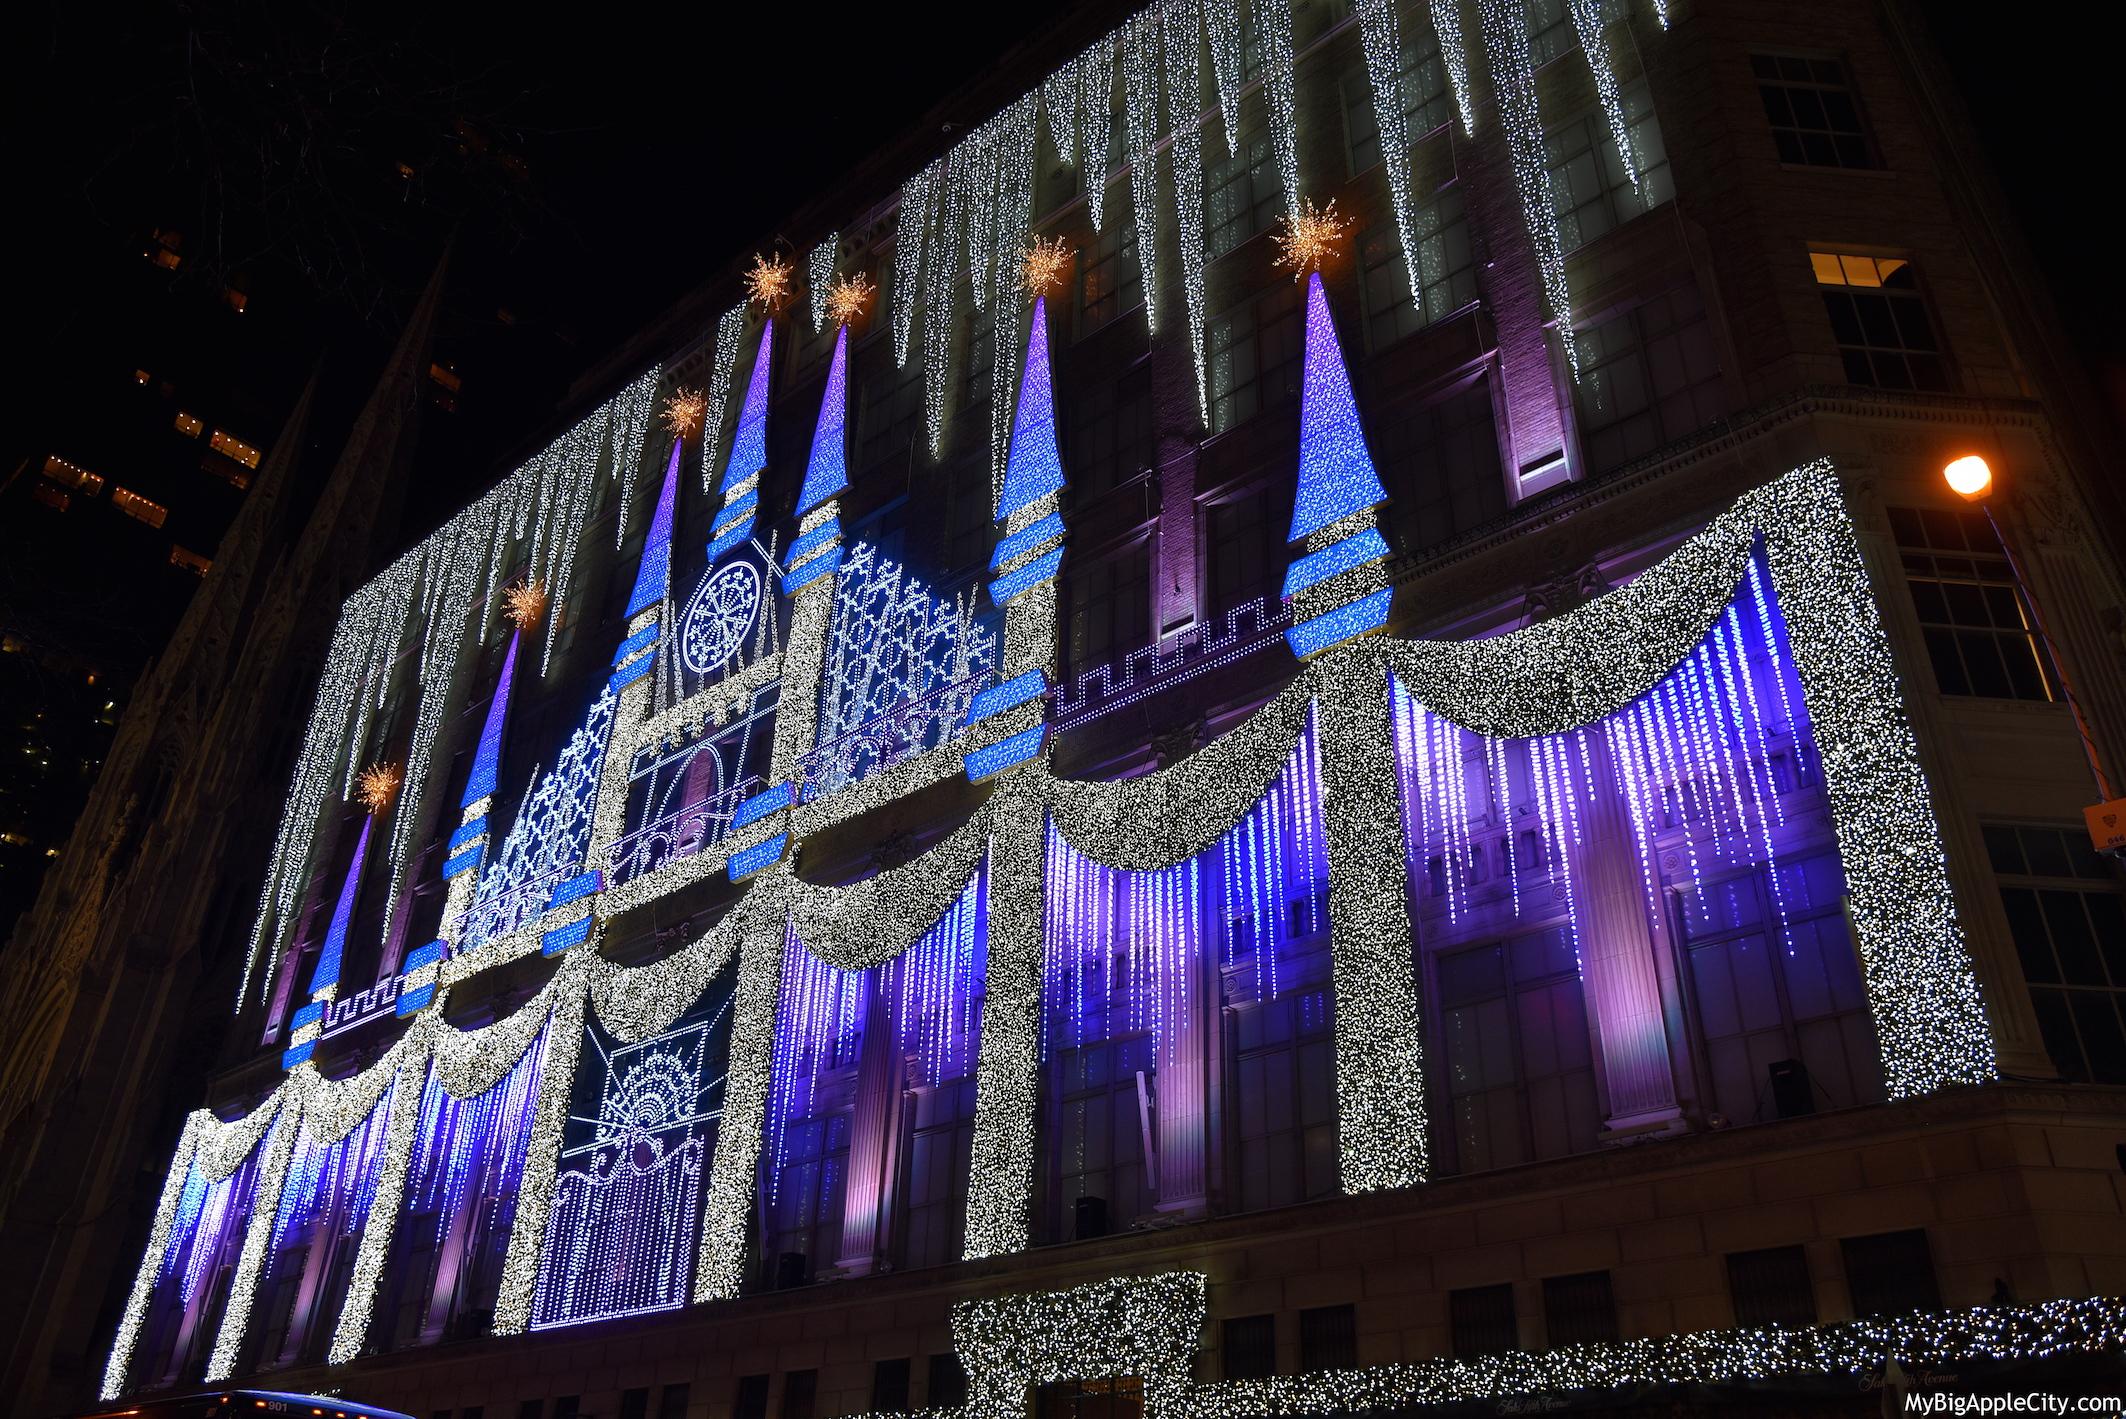 Saks-Noel-Illuminations-New-York-Blog-Voyage-MyBigAppleCity